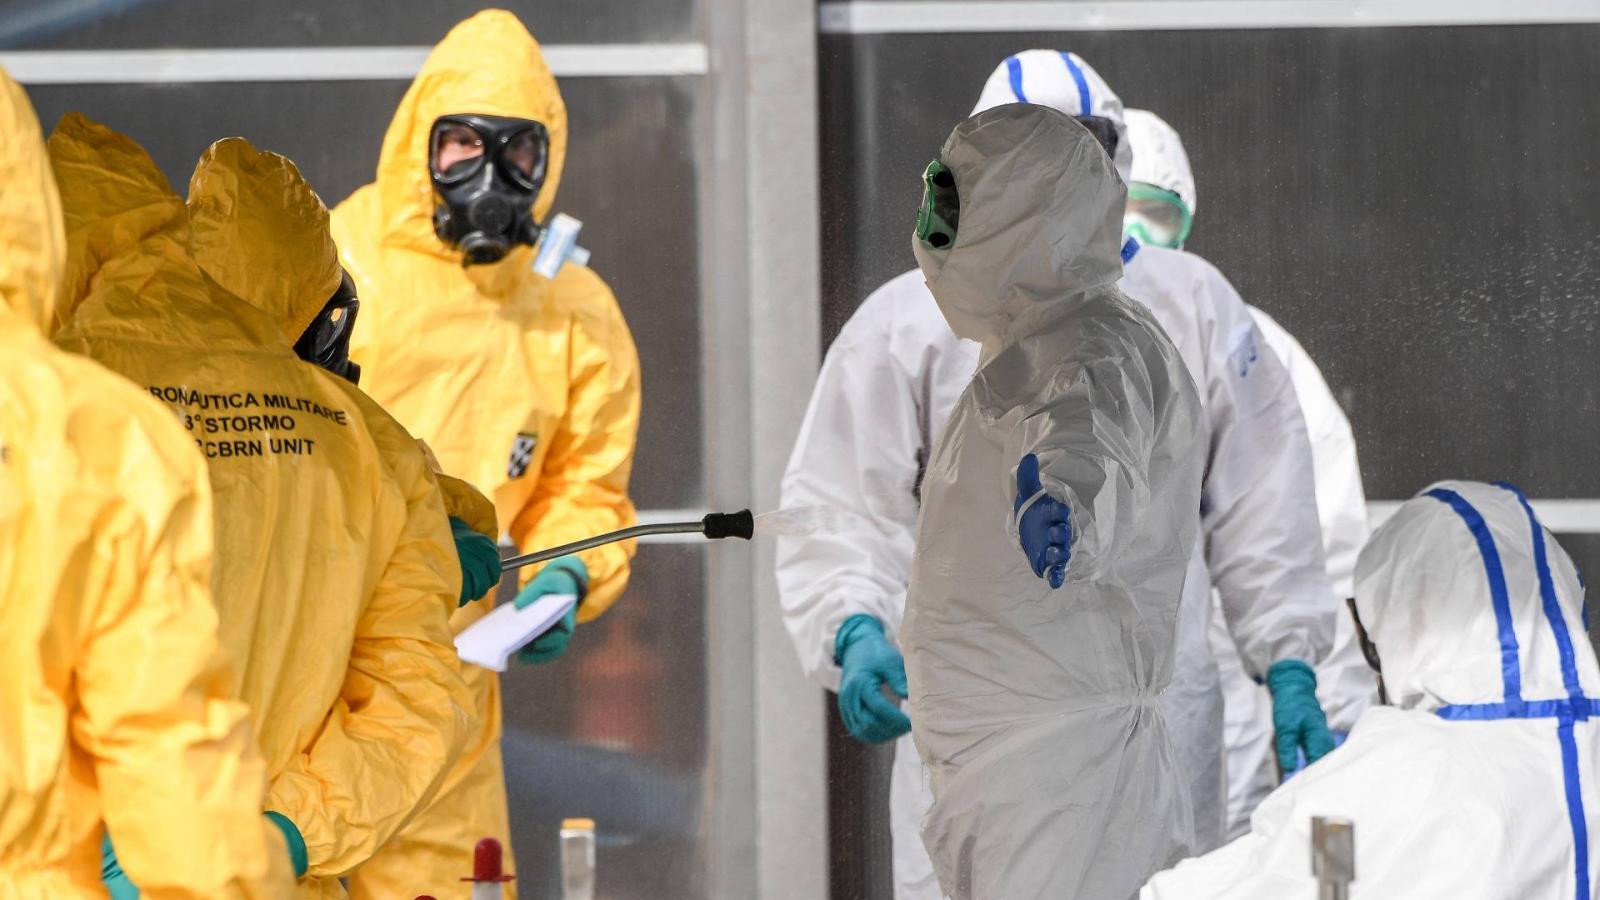 Már több országban is fertőz a kínai koronavírus, eddig 6-an haltak meg